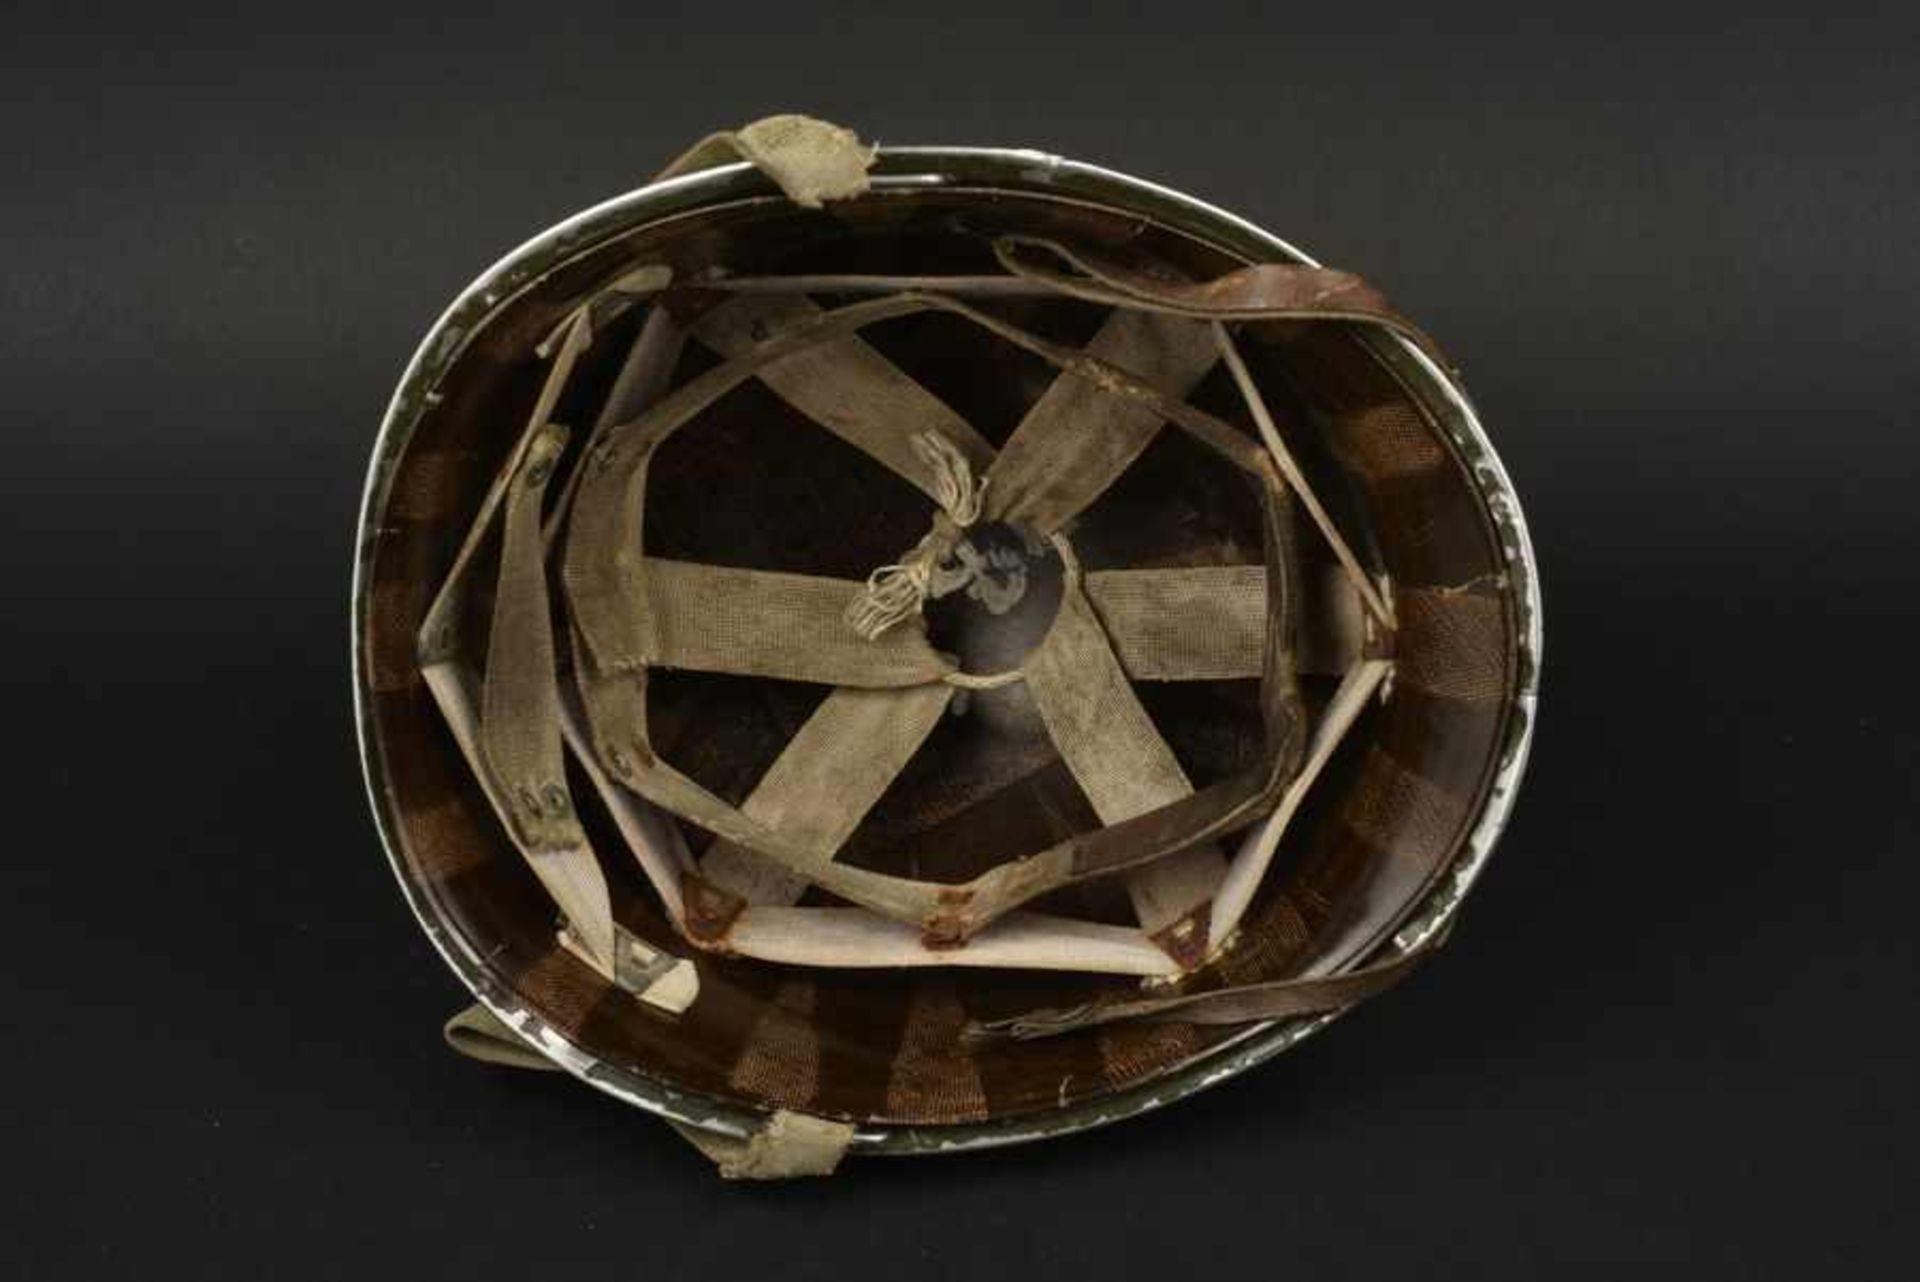 Casque du sergent Prouse de la 29ème DI US. Helmet belonging to Sergeant Prouse of the 29th DI - Bild 4 aus 4